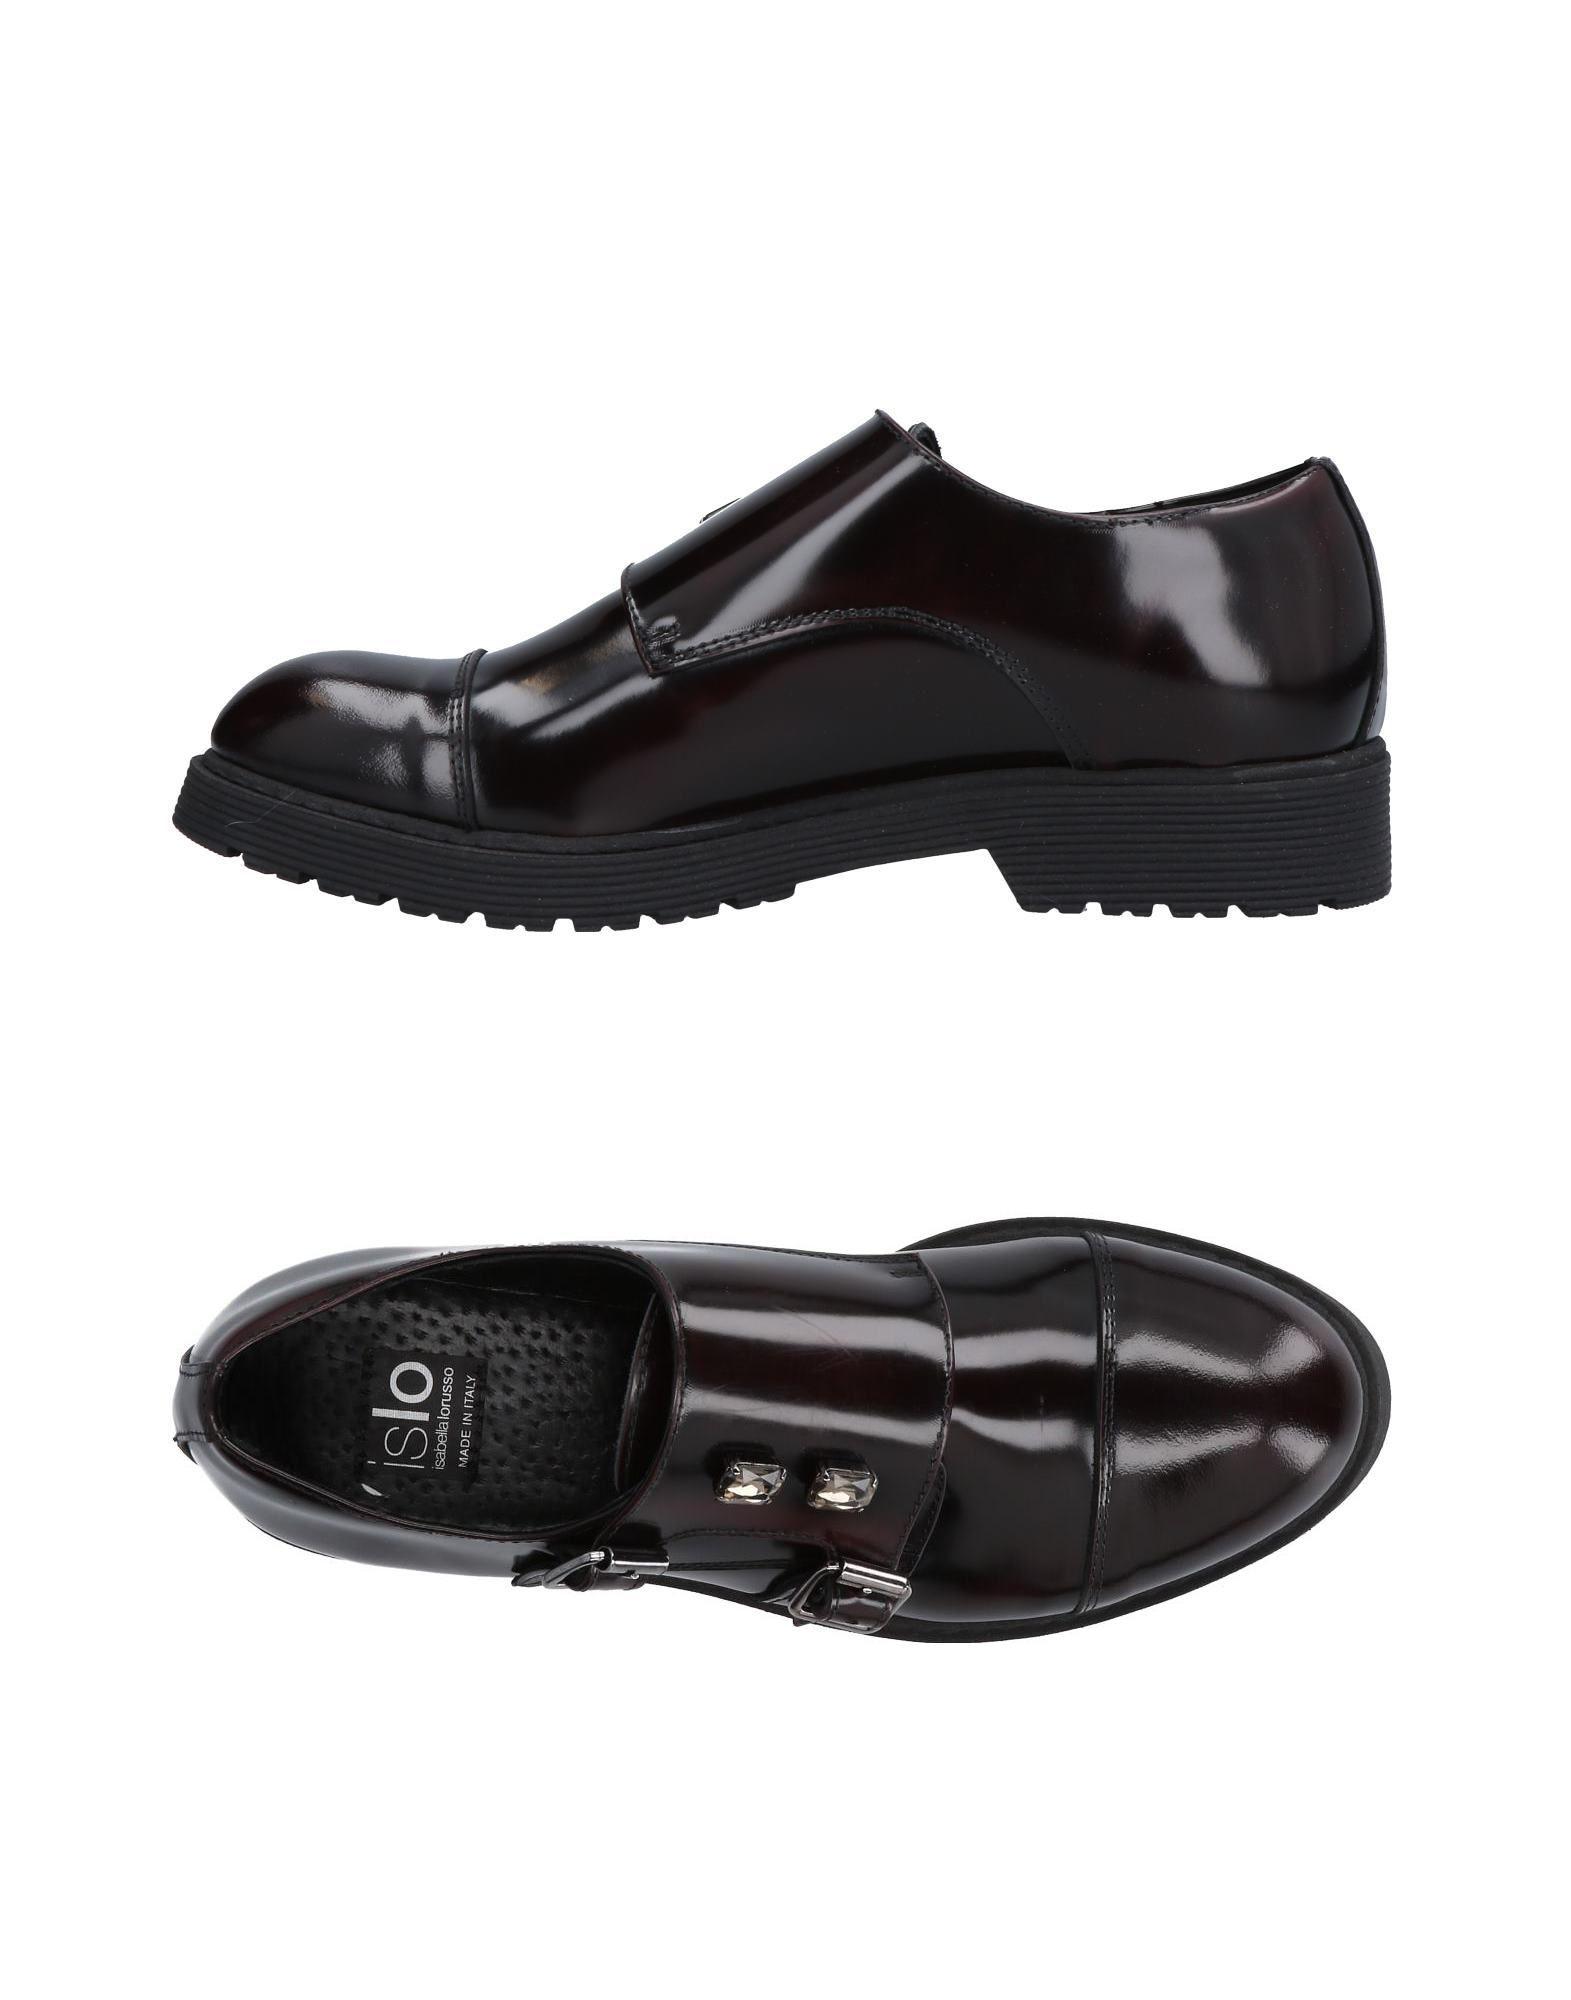 Islo Isabella Lorusso Mokassins Damen  11471722XV Gute Qualität beliebte Schuhe